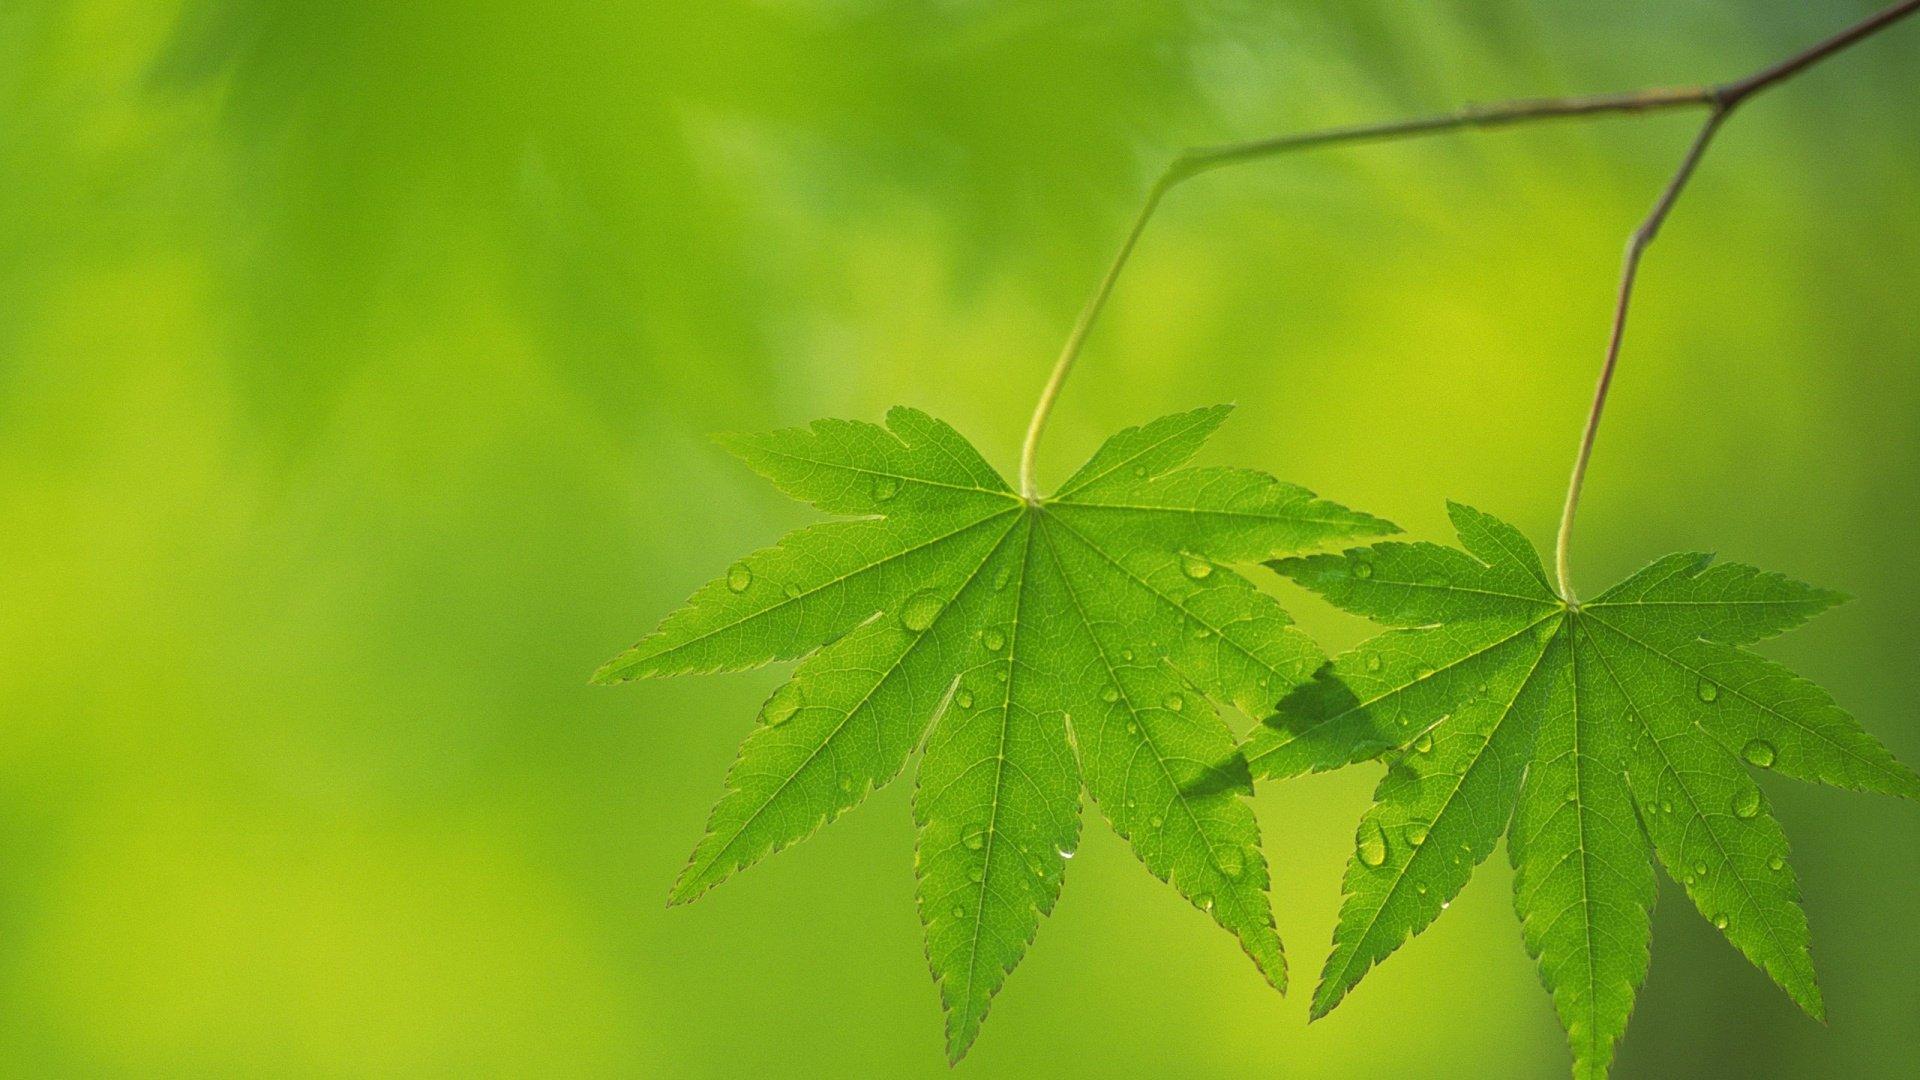 纯绿色的图片手机壁纸_聊天绿色草坪护眼图片_纯深绿色壁纸图片大全